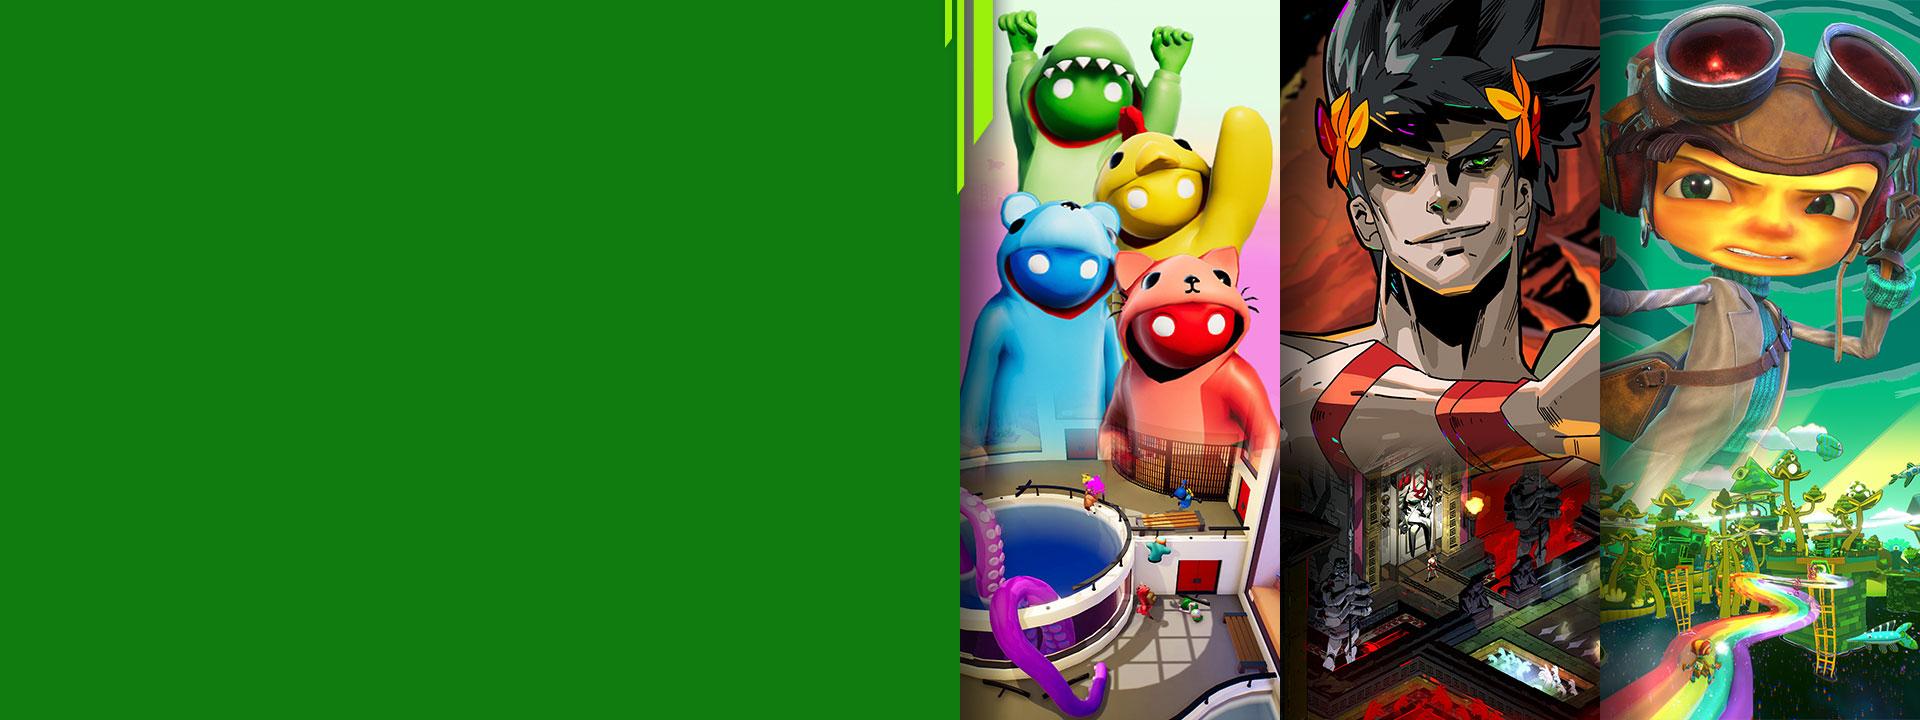 Vista frontal de diferentes personajes de los juegos de Xbox Gang Beasts, Hades y Psychonauts 2.